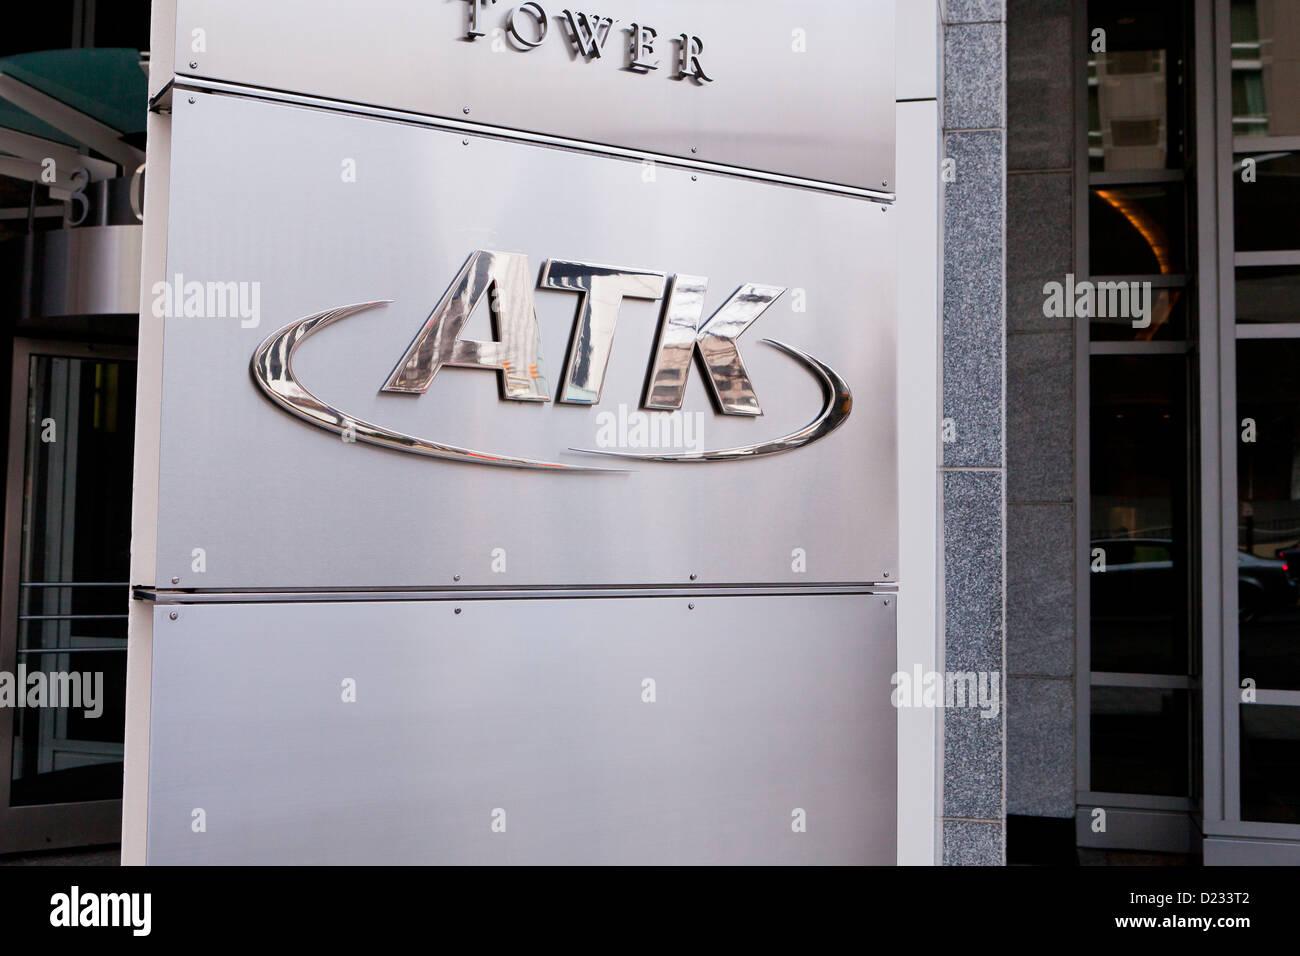 ATK company logo - Stock Image